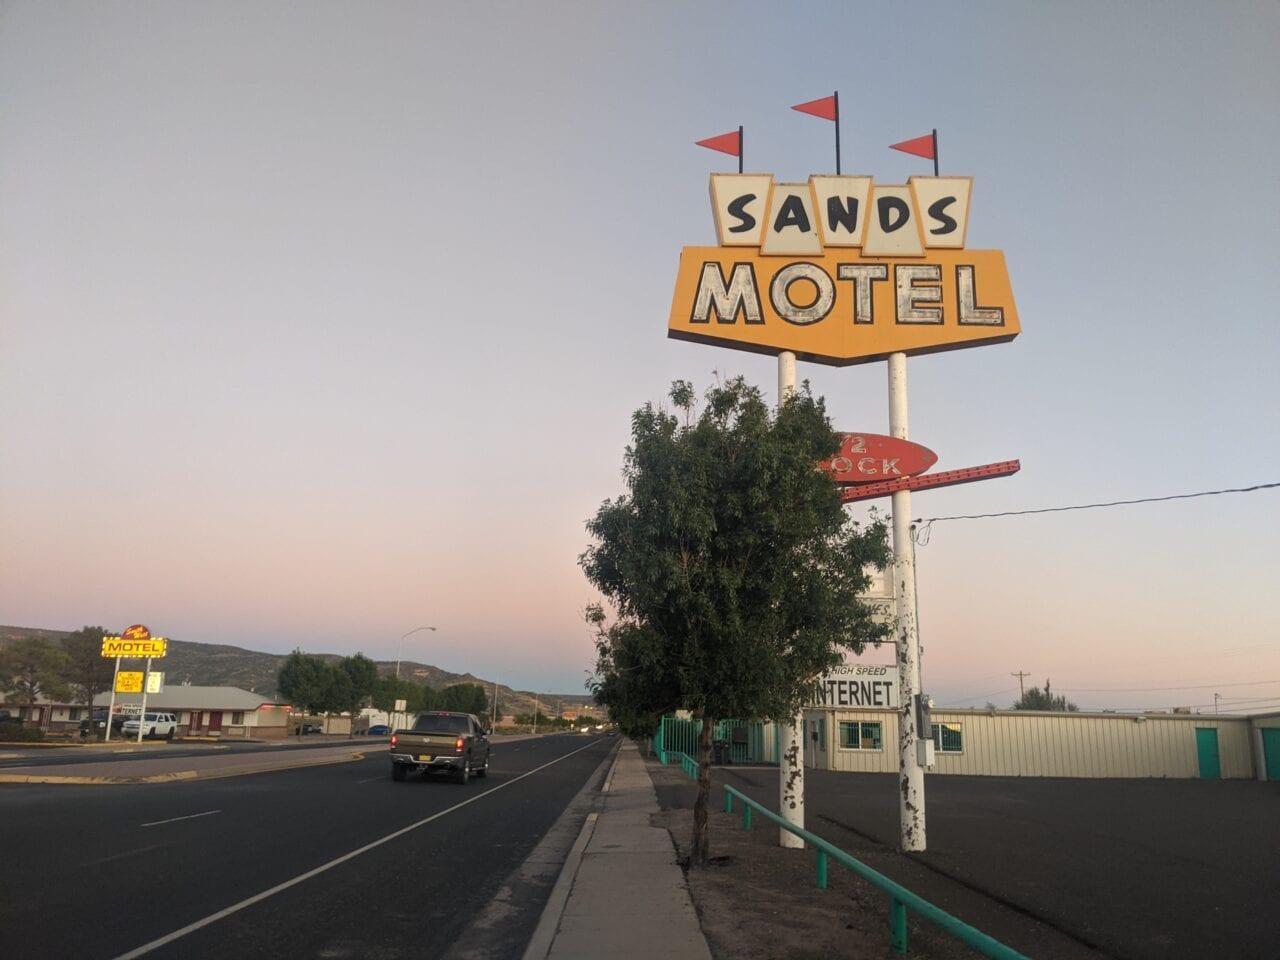 Sands Motel sign